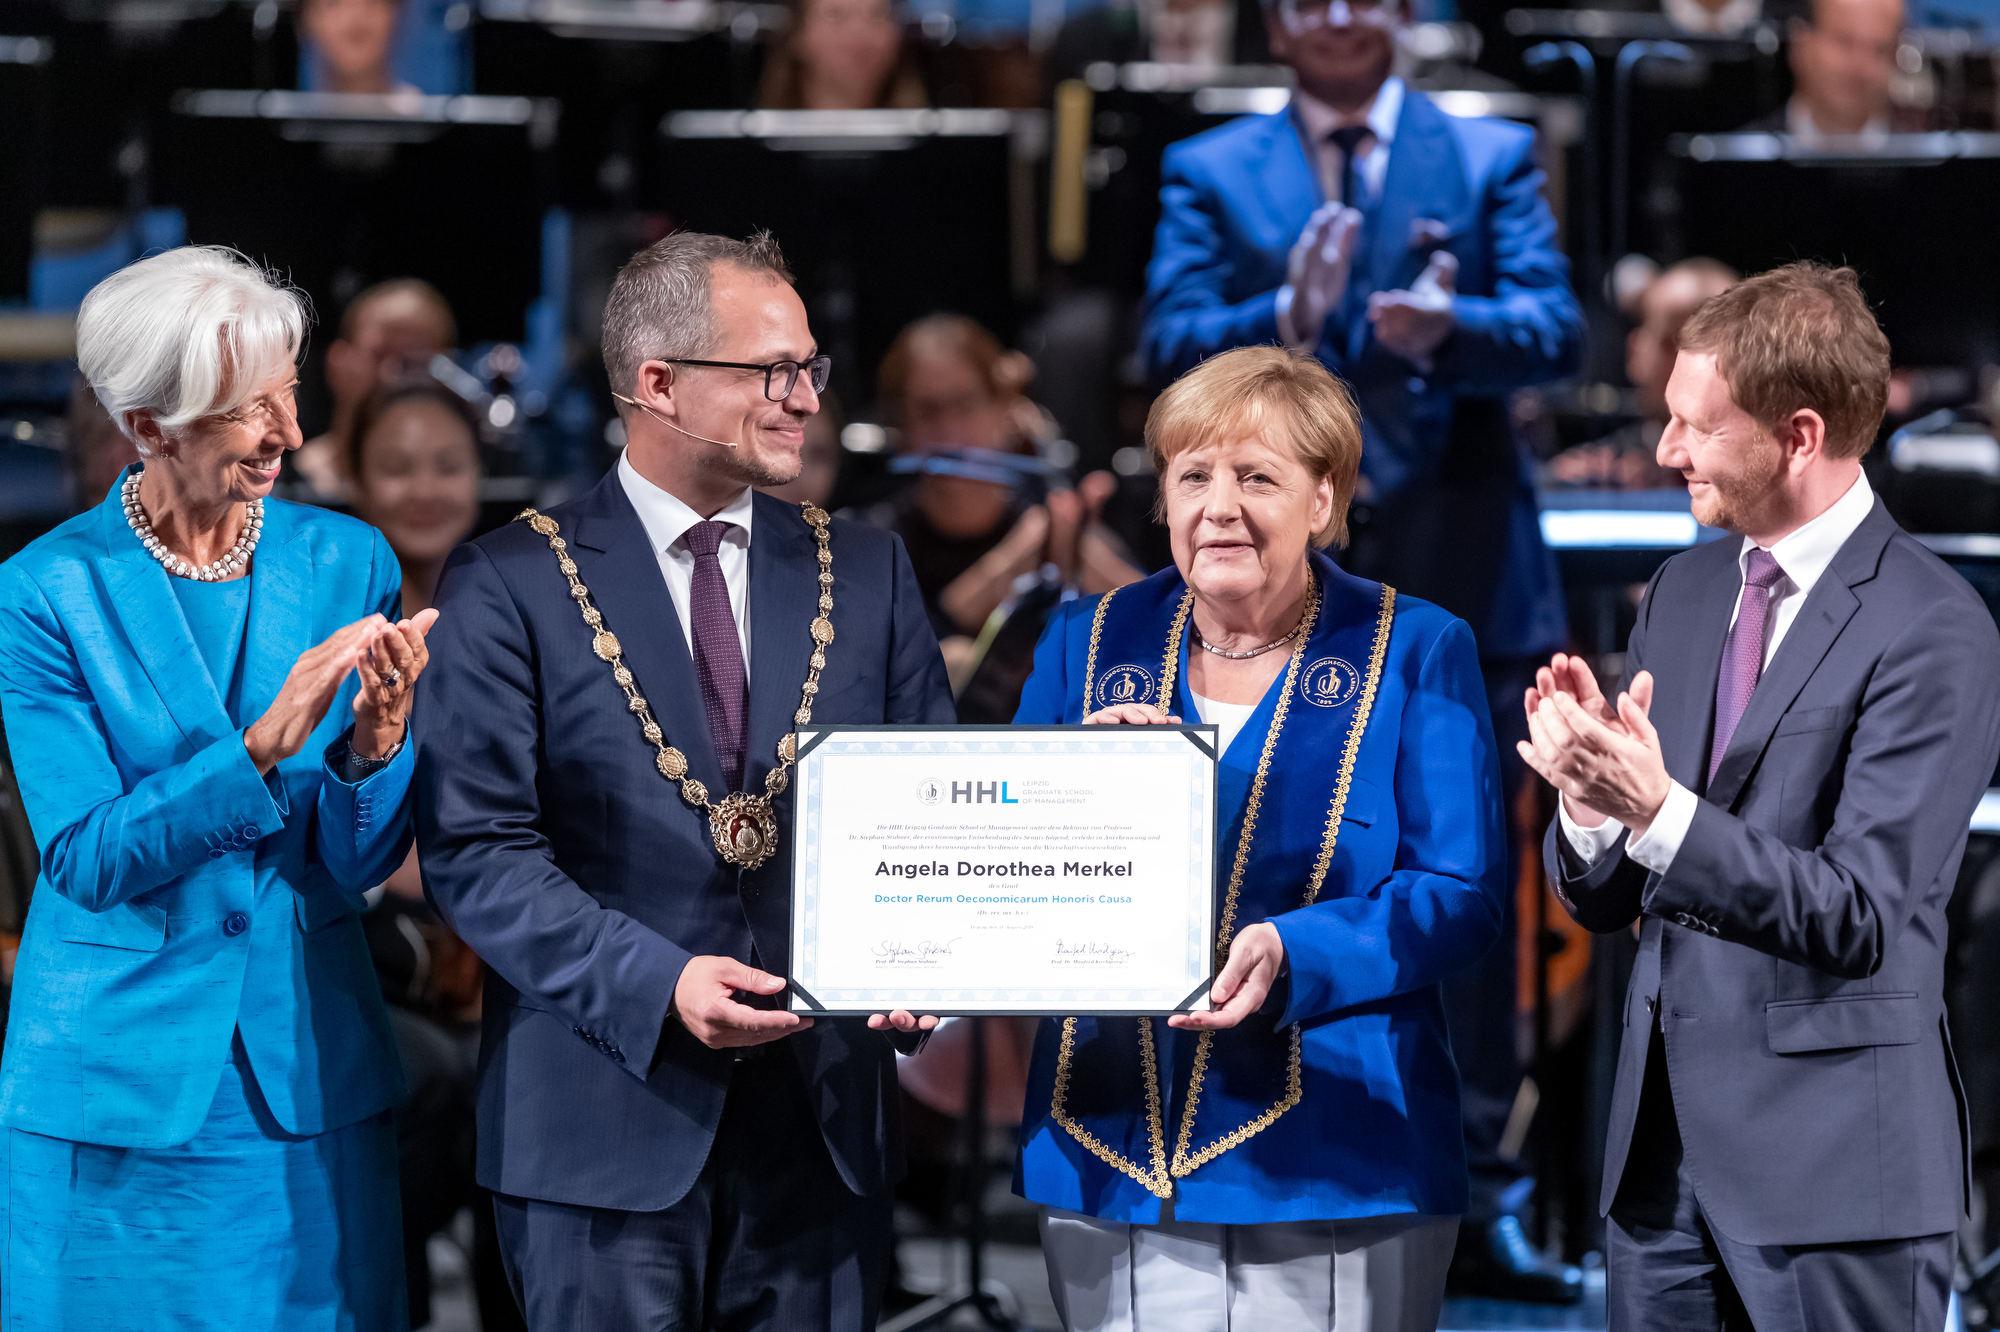 Graduierungsveranstaltung der Handelshochschule Leipzig in der Oper Leipzig / Foto Tom Schulze Leipzig